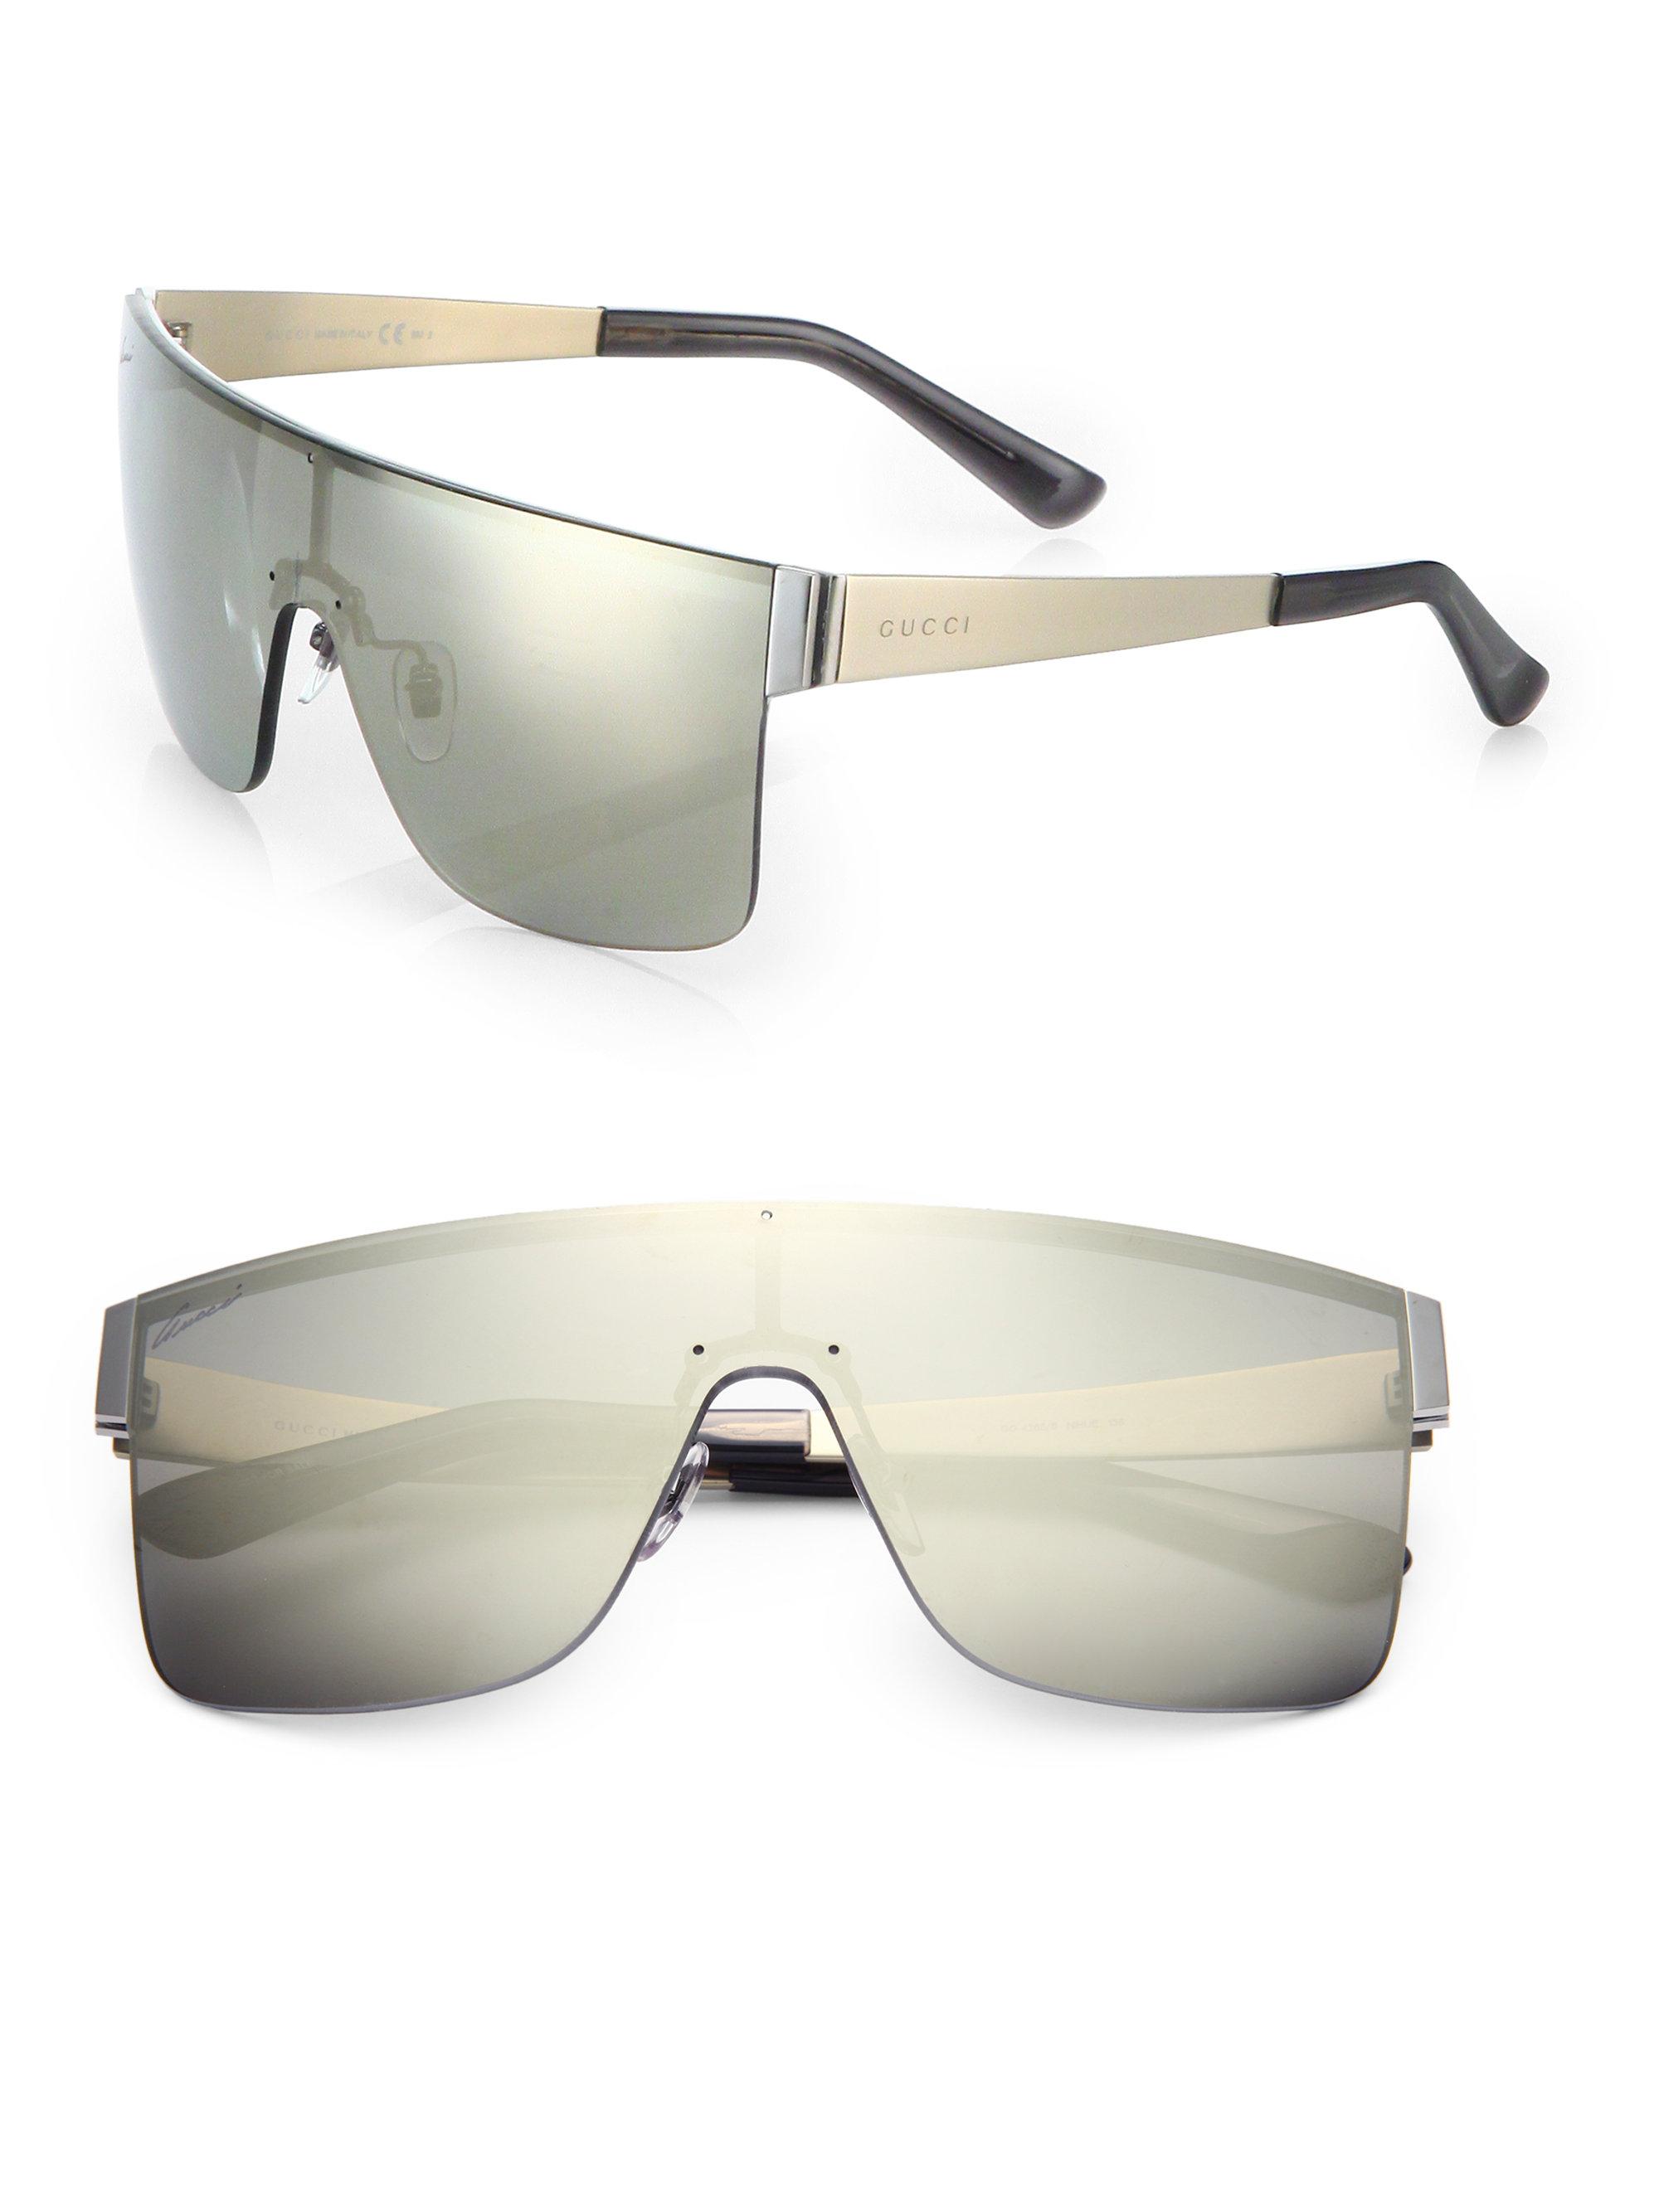 a6f760c7641 Lyst - Gucci Rimless Shield 99mm Square Sunglasses in Gray for Men